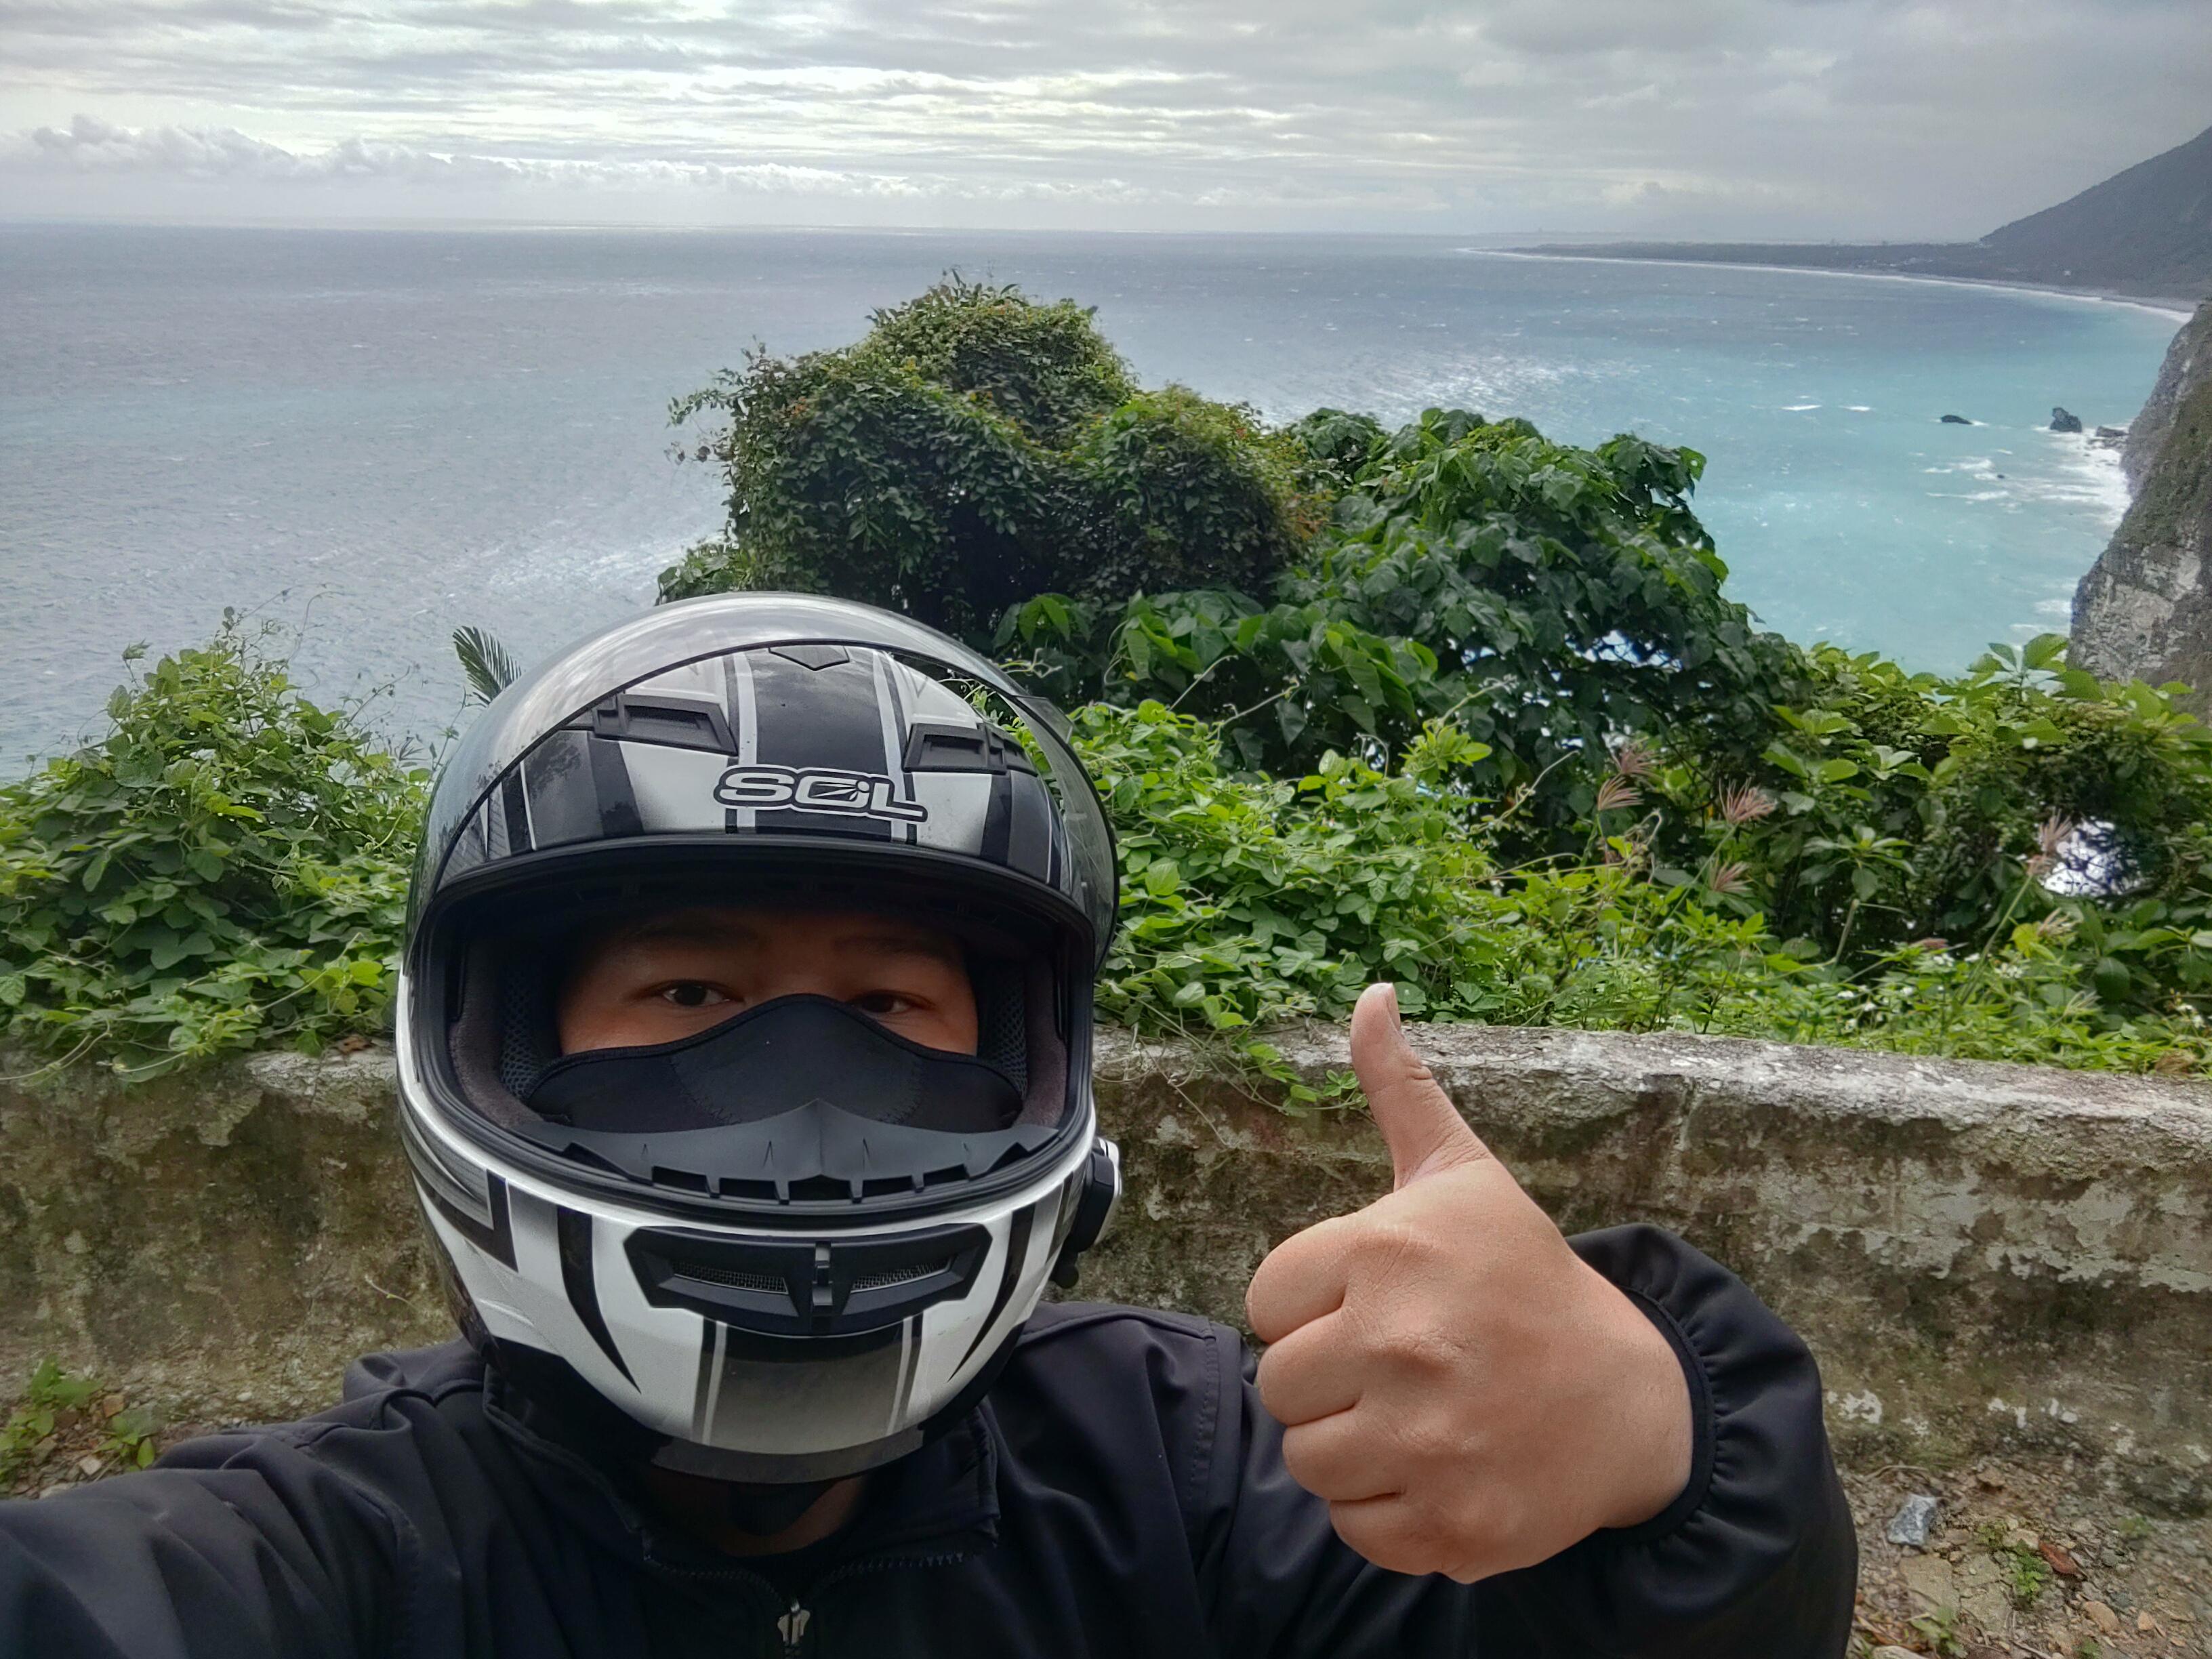 5th 走!去騎摩托車吧!六天五夜山海奇行環島之旅8449